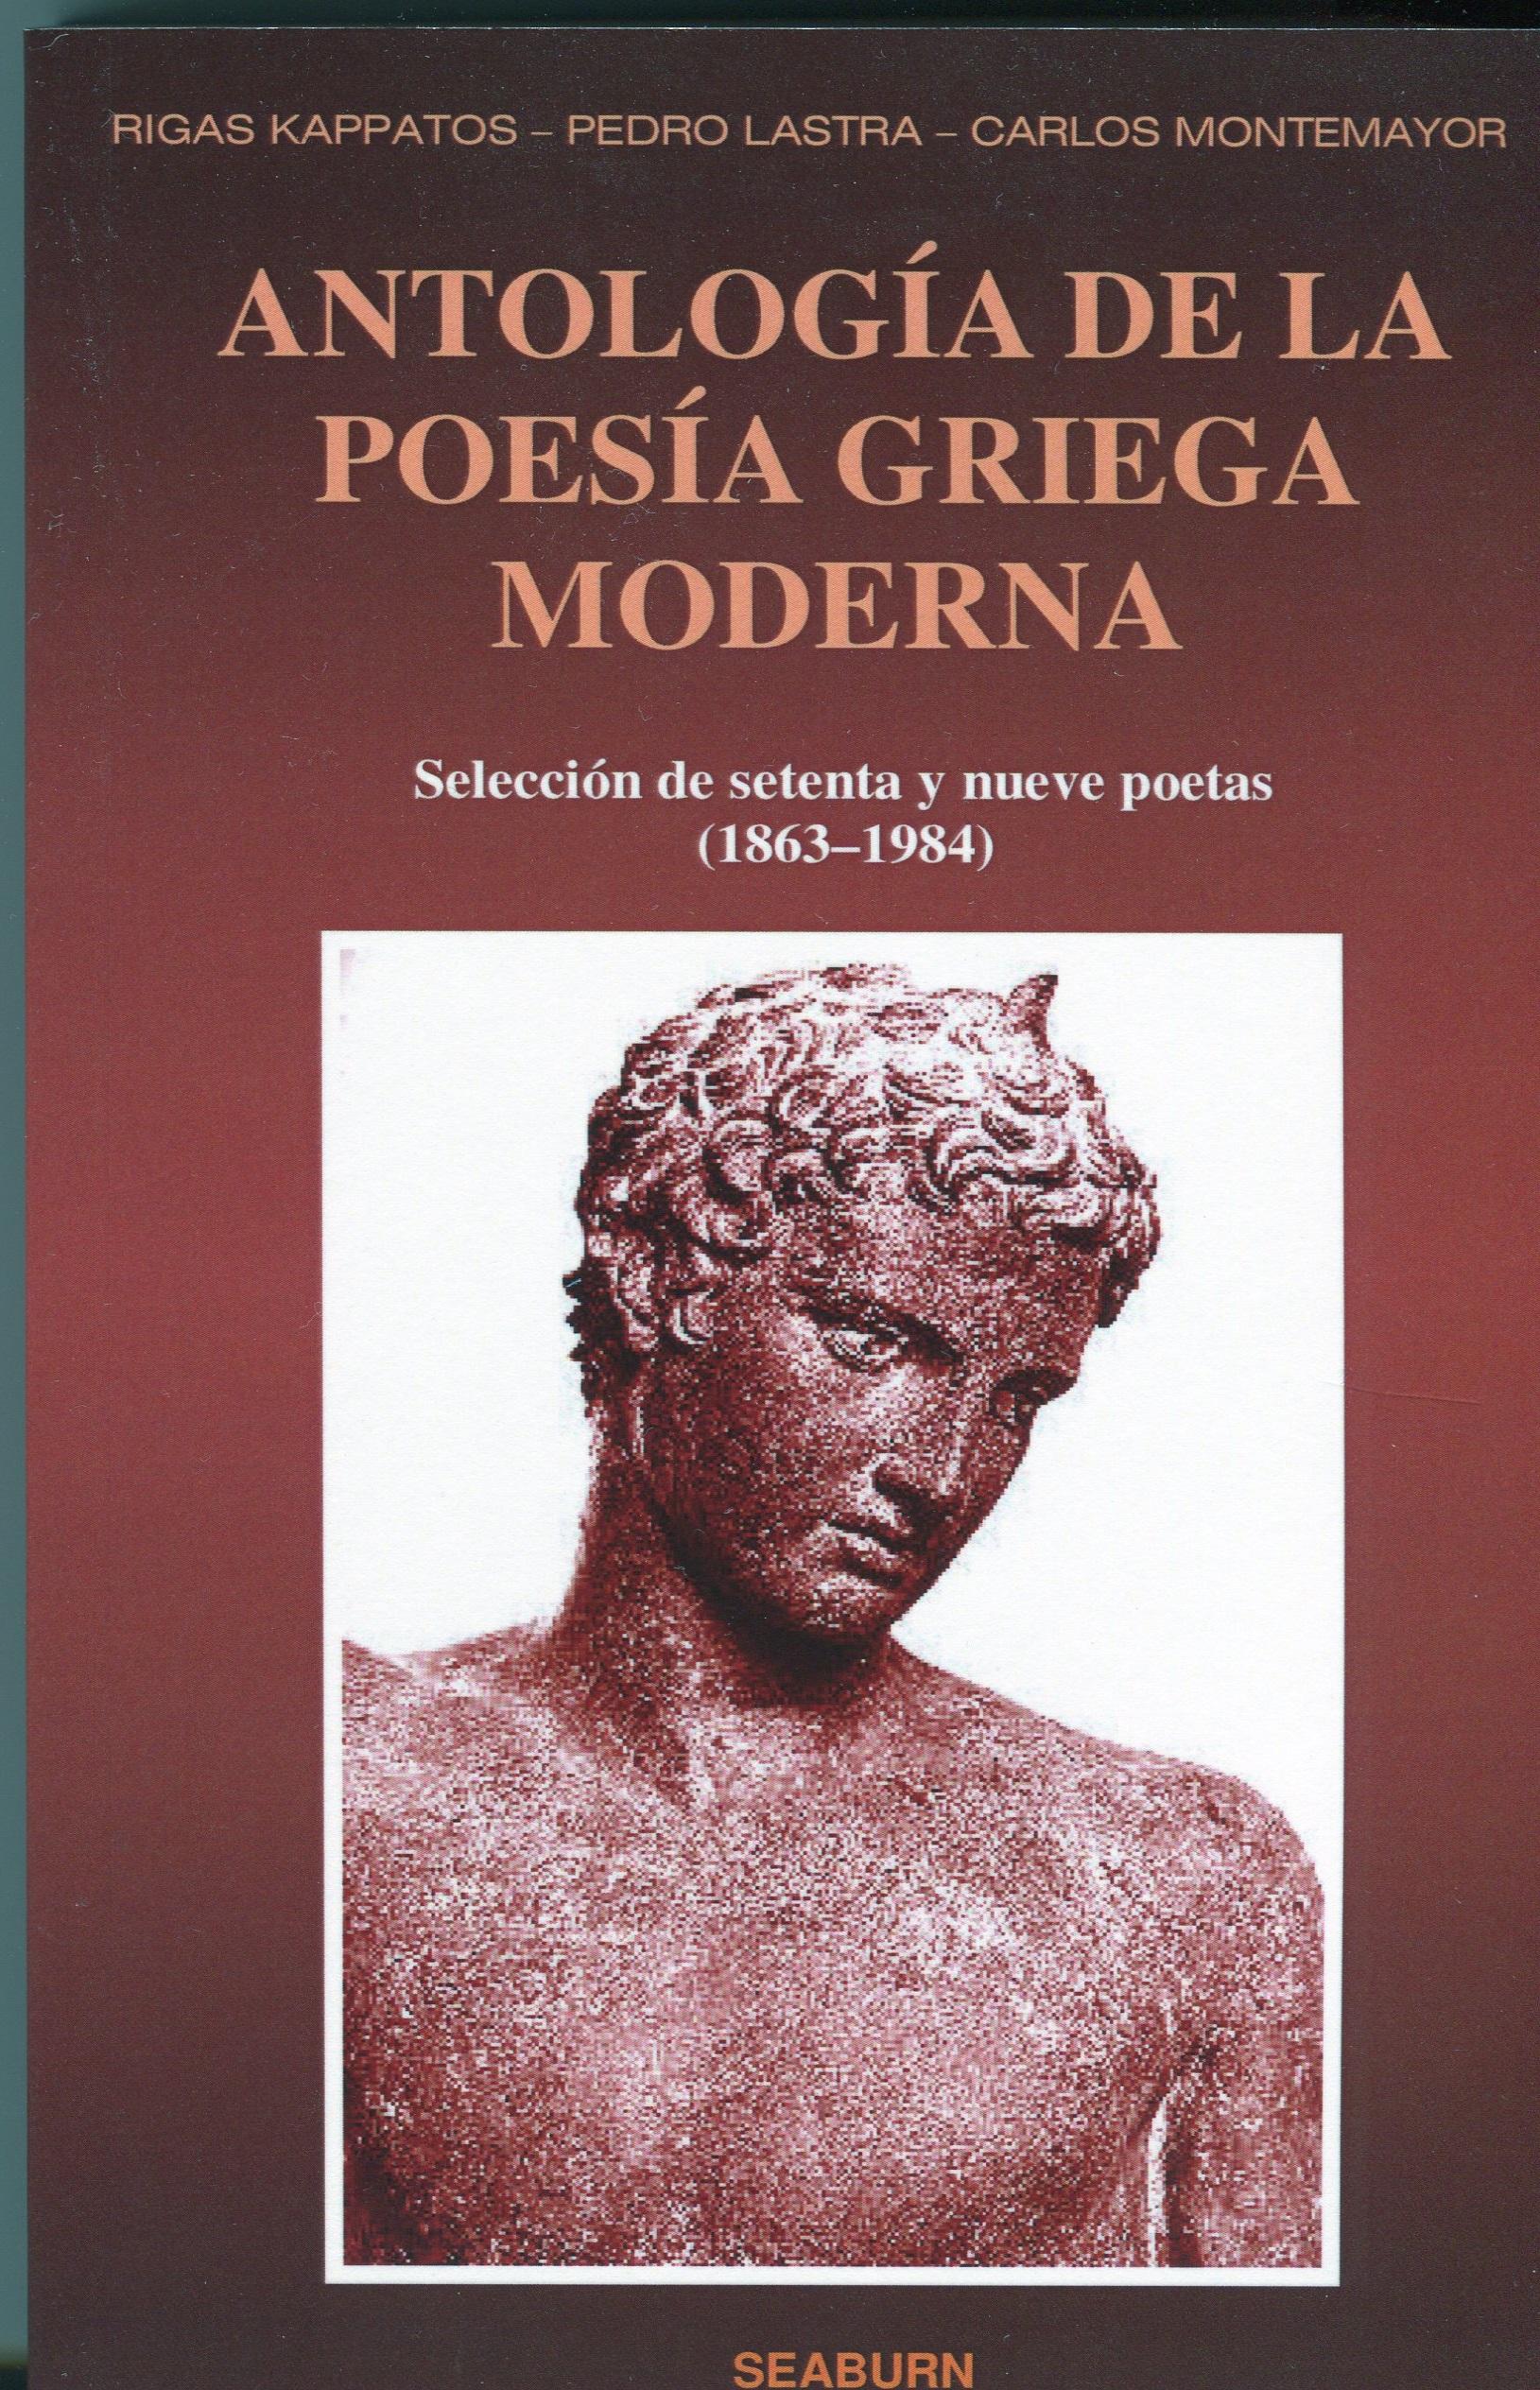 poesia-griega-moderna.jpg